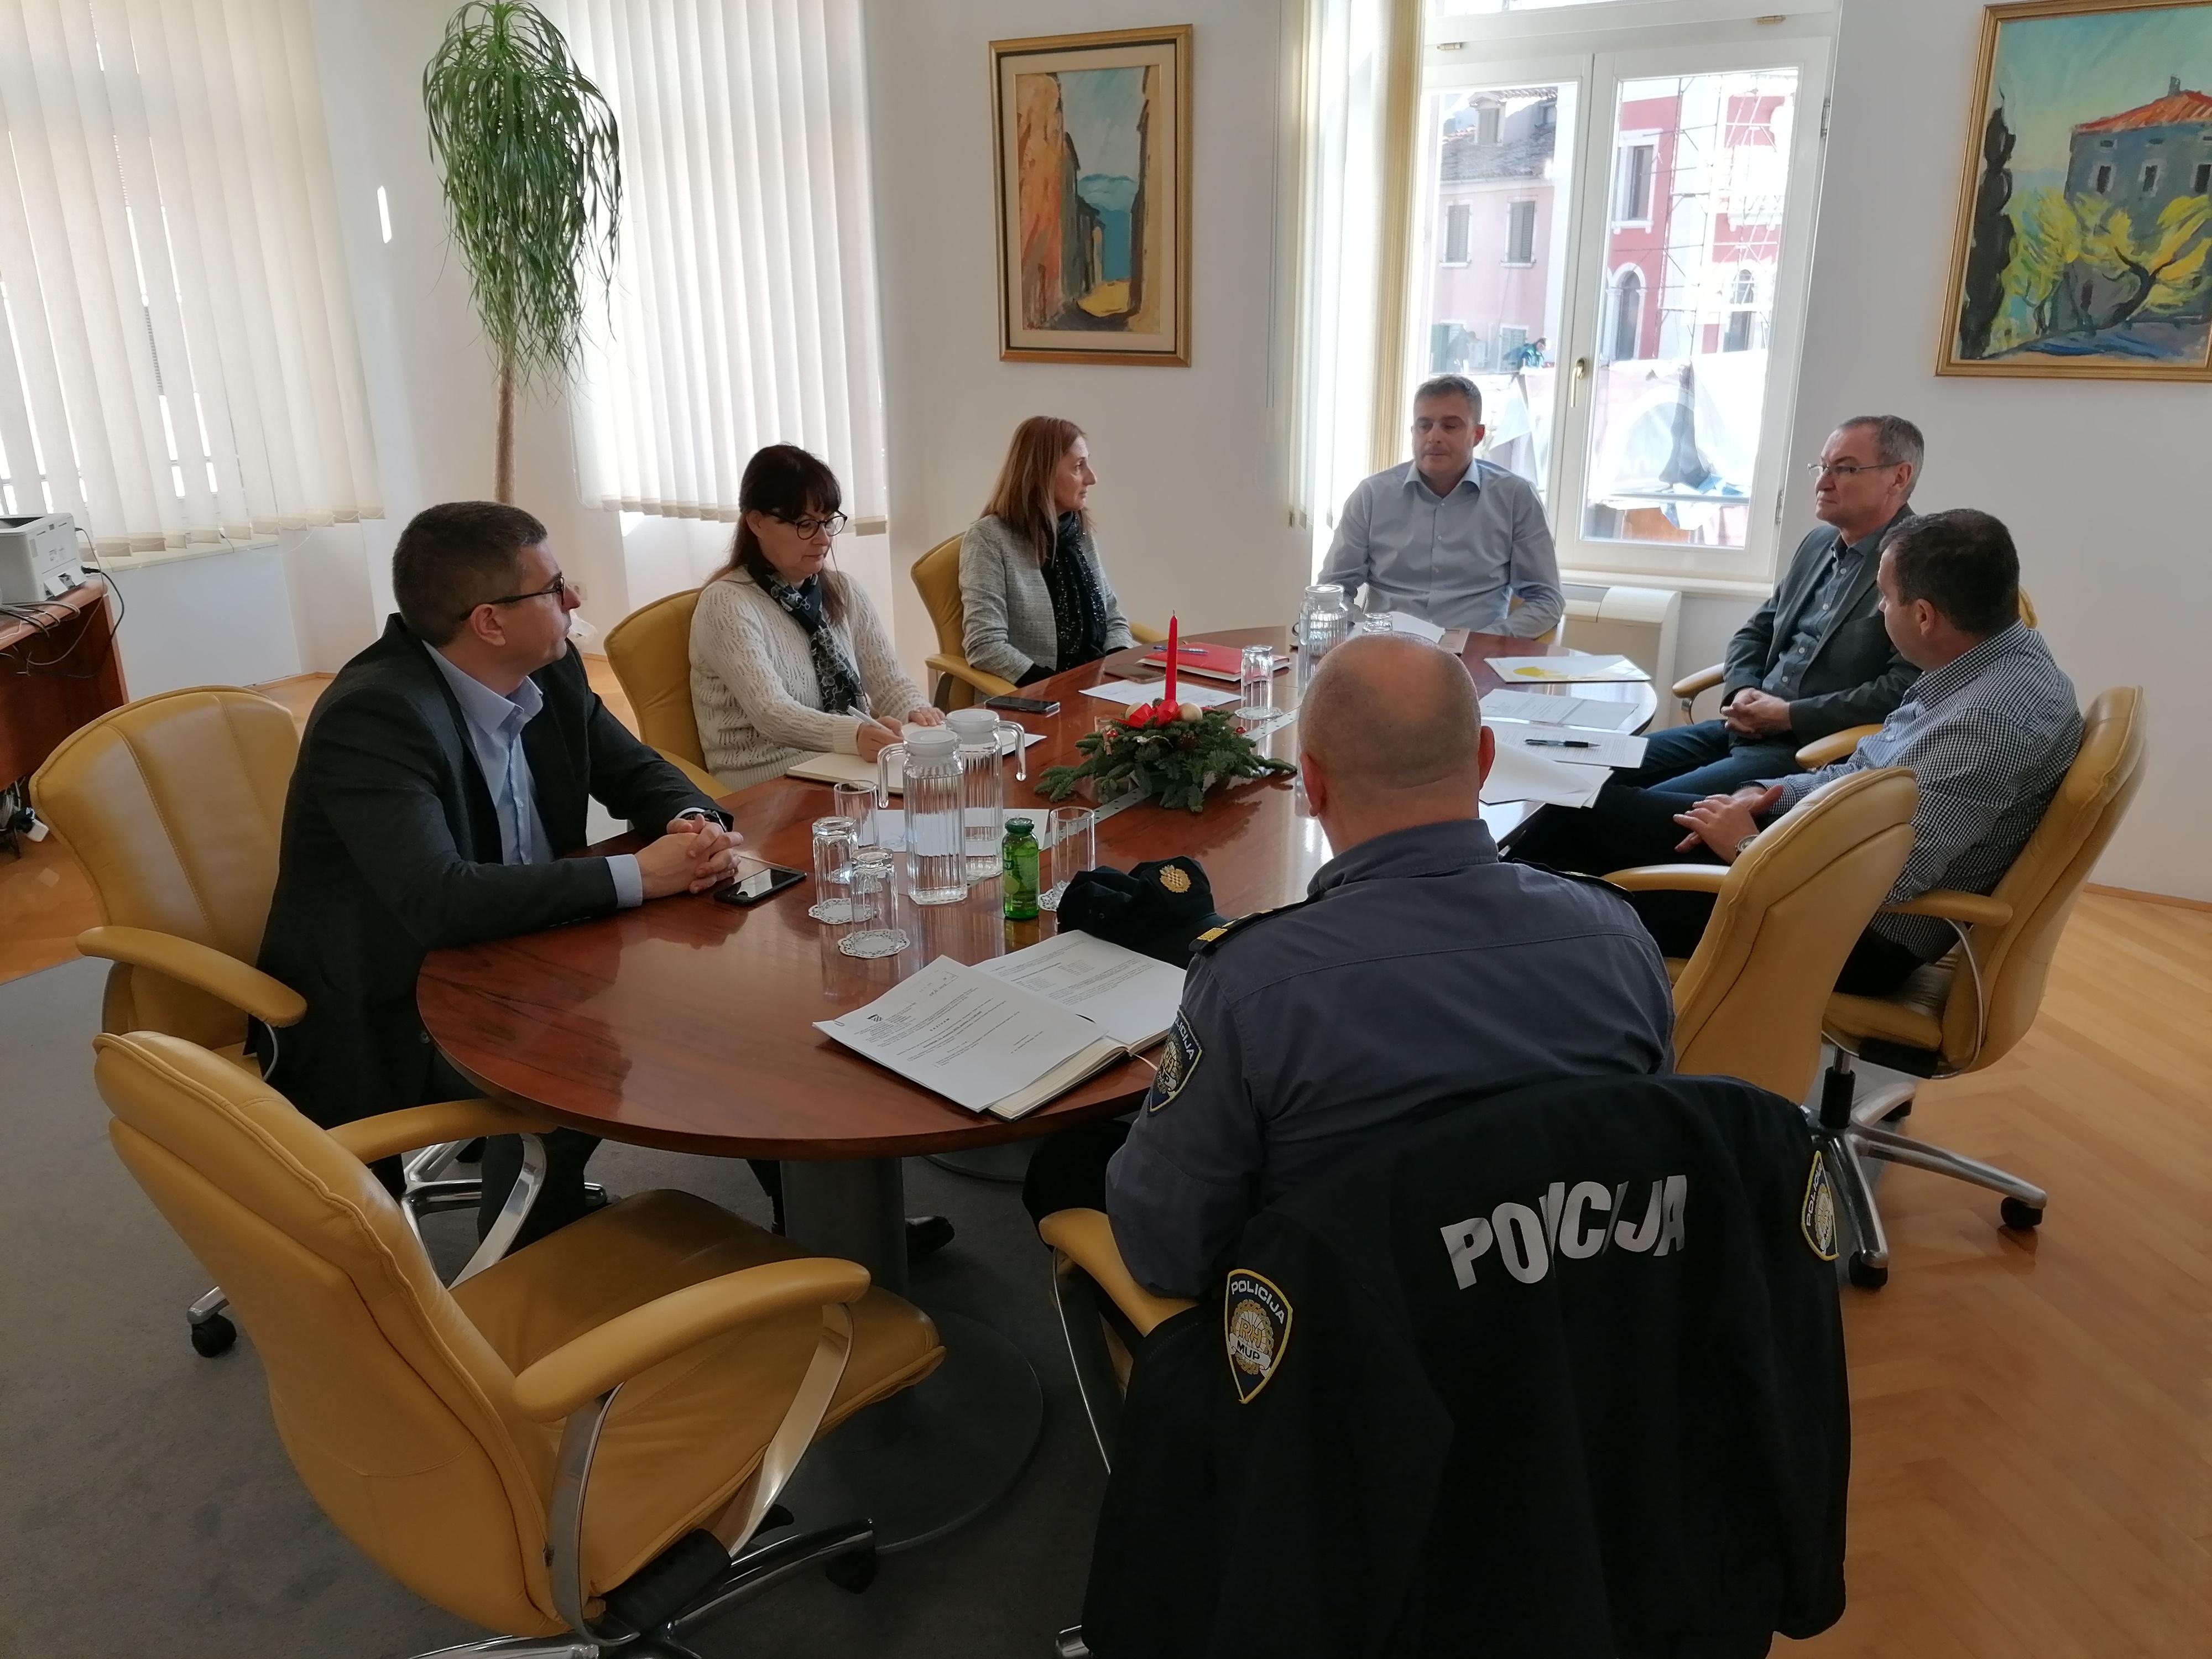 Si è tenuta l'ultima seduta del Consiglio per la prevenzione della criminalità